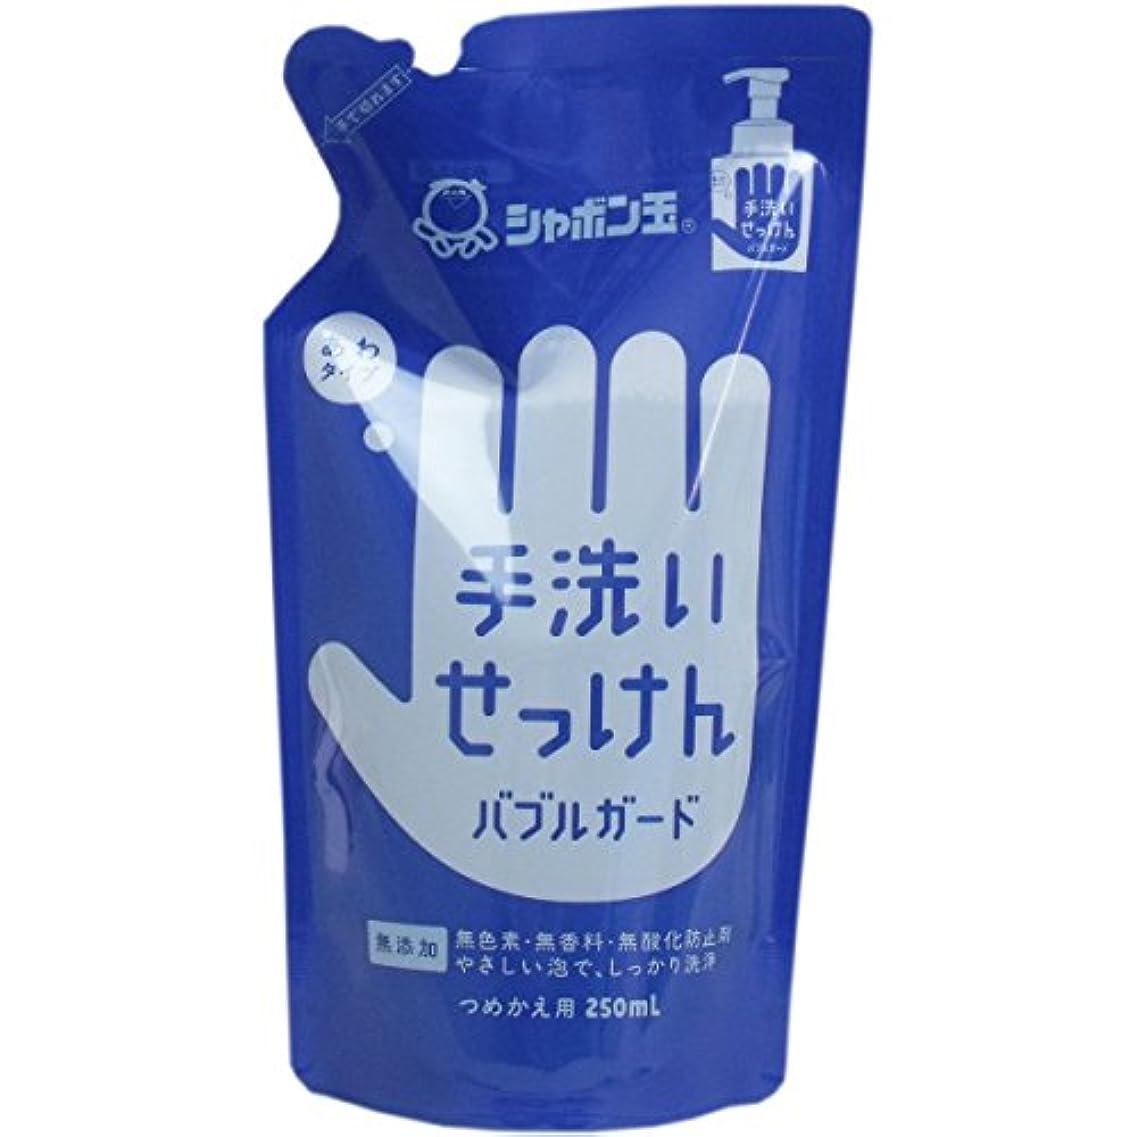 メイド監査酔ってシャボン玉石けん 手洗いせっけん バブルガード 詰め替え用 250ml 【12個セット】